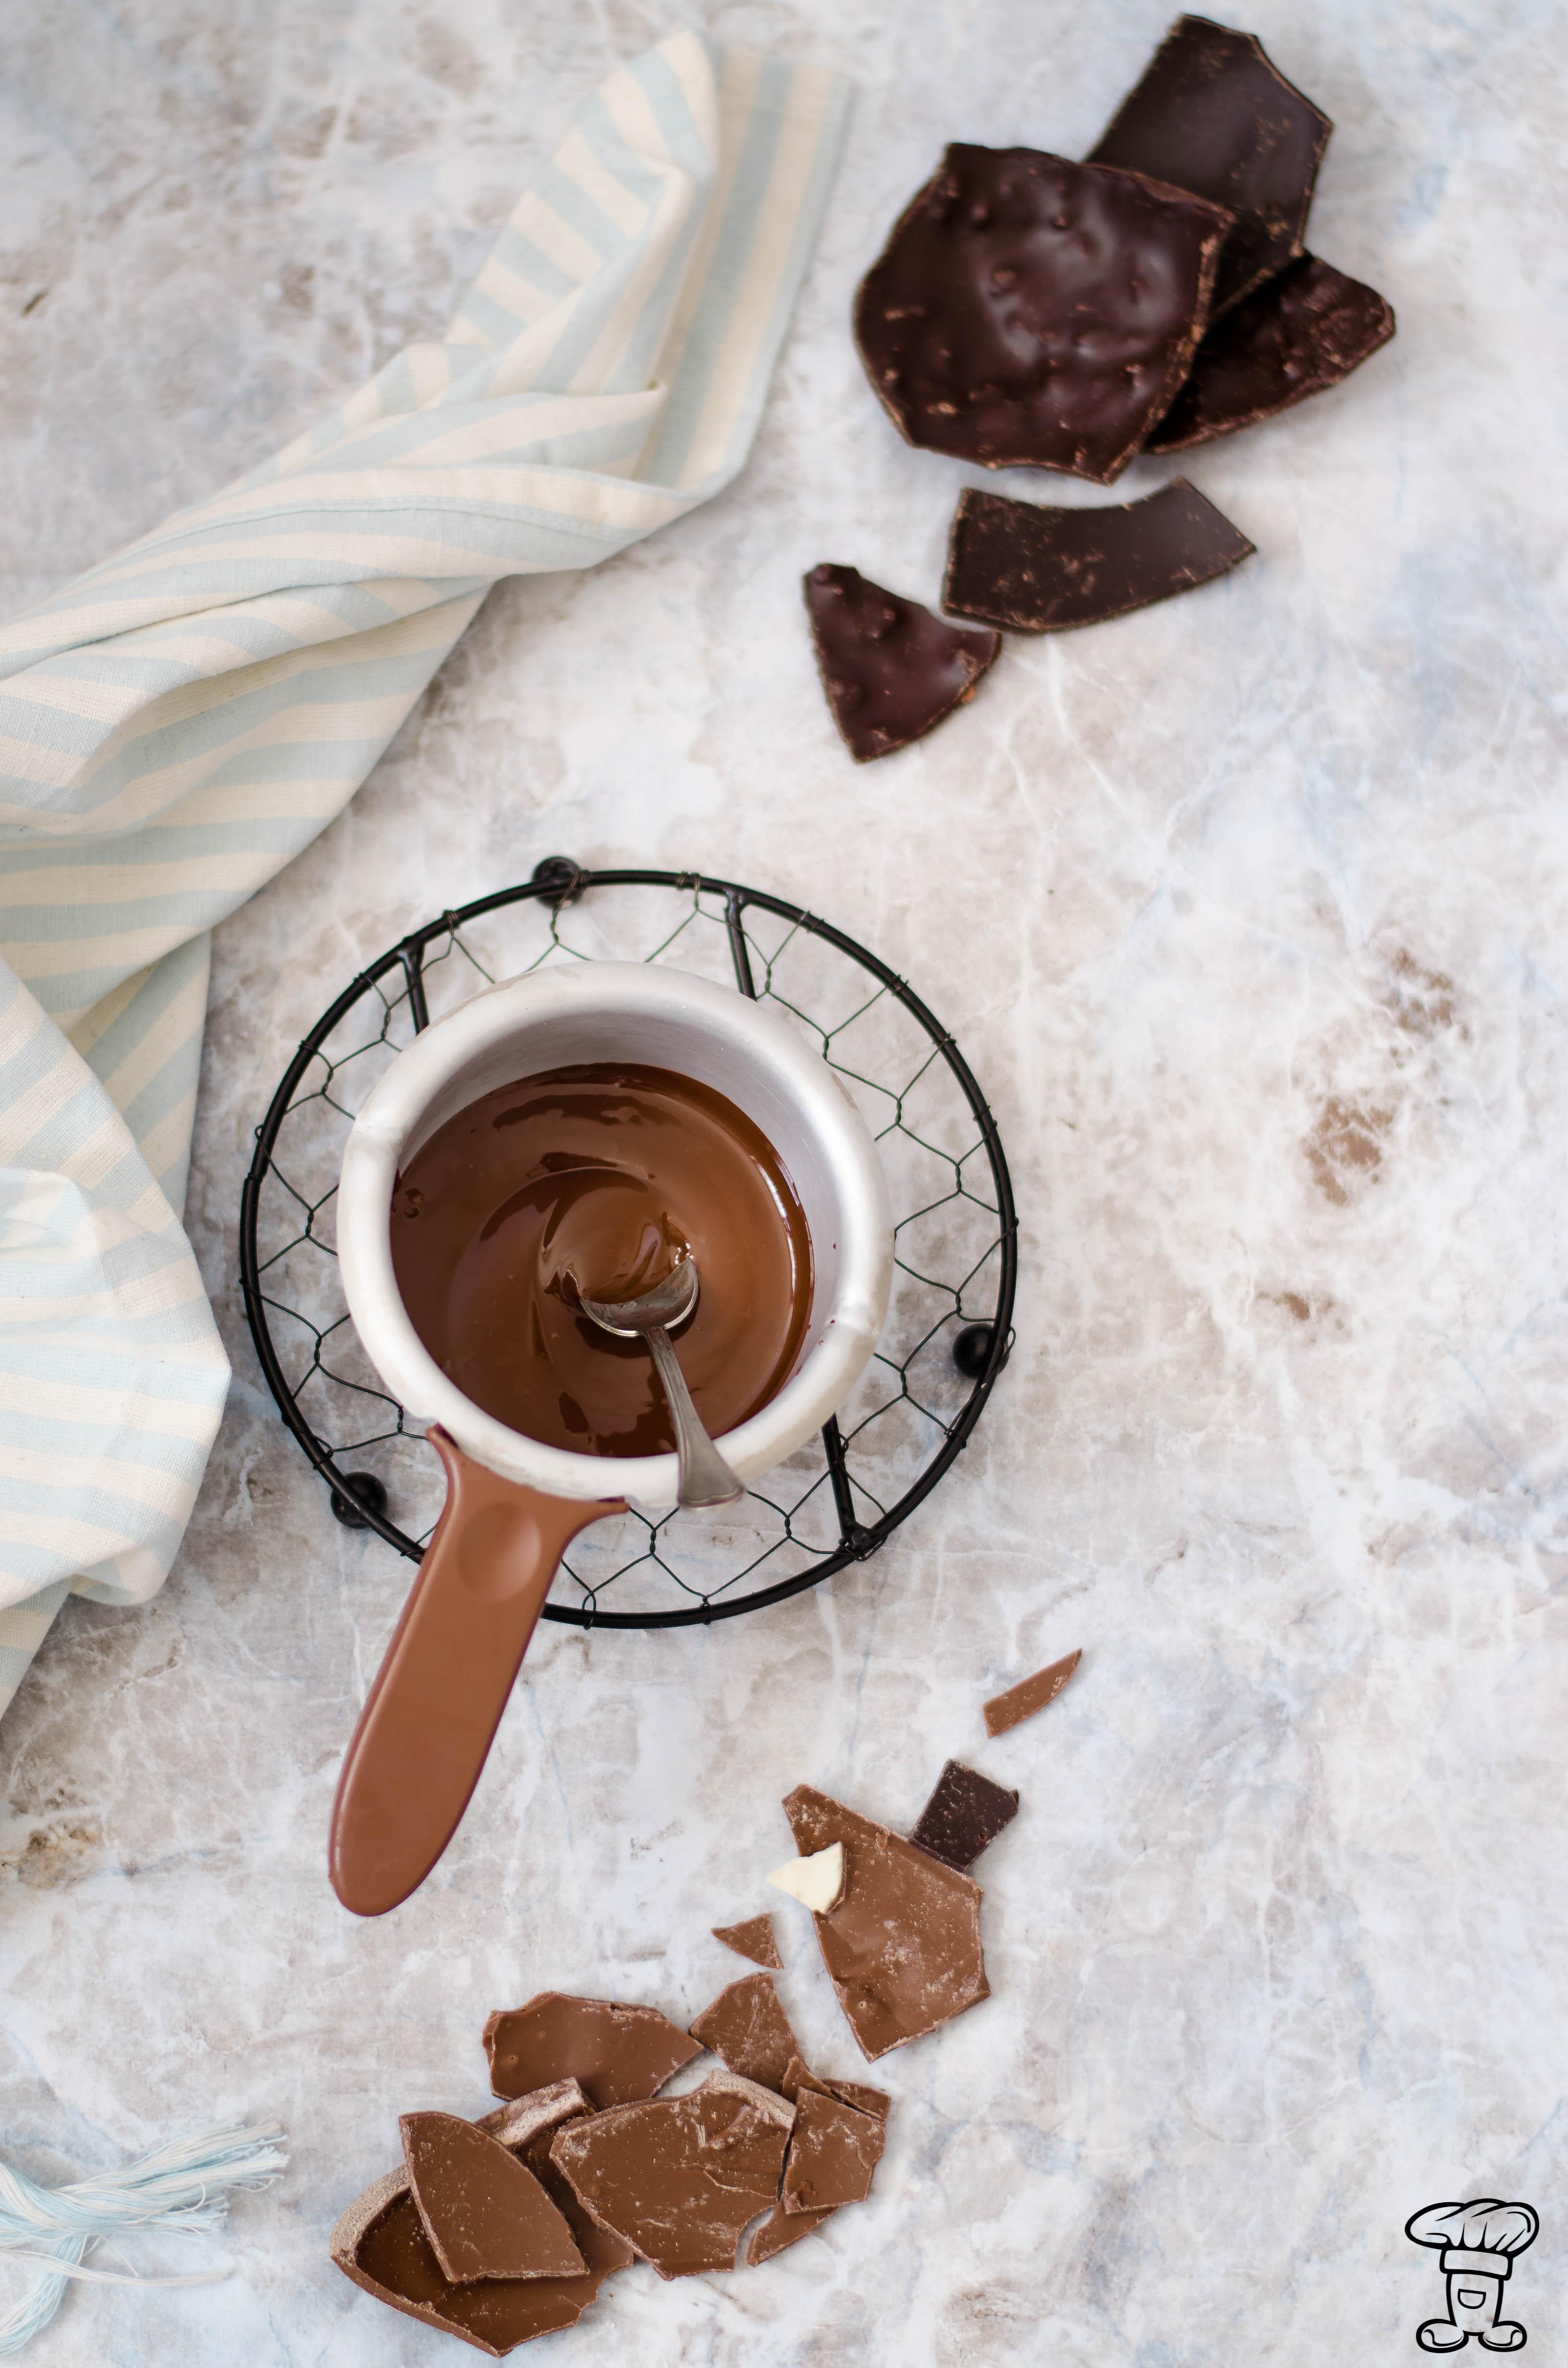 Pave_cioccolato Tulipano fondente con cuore gelée e streusel bianco